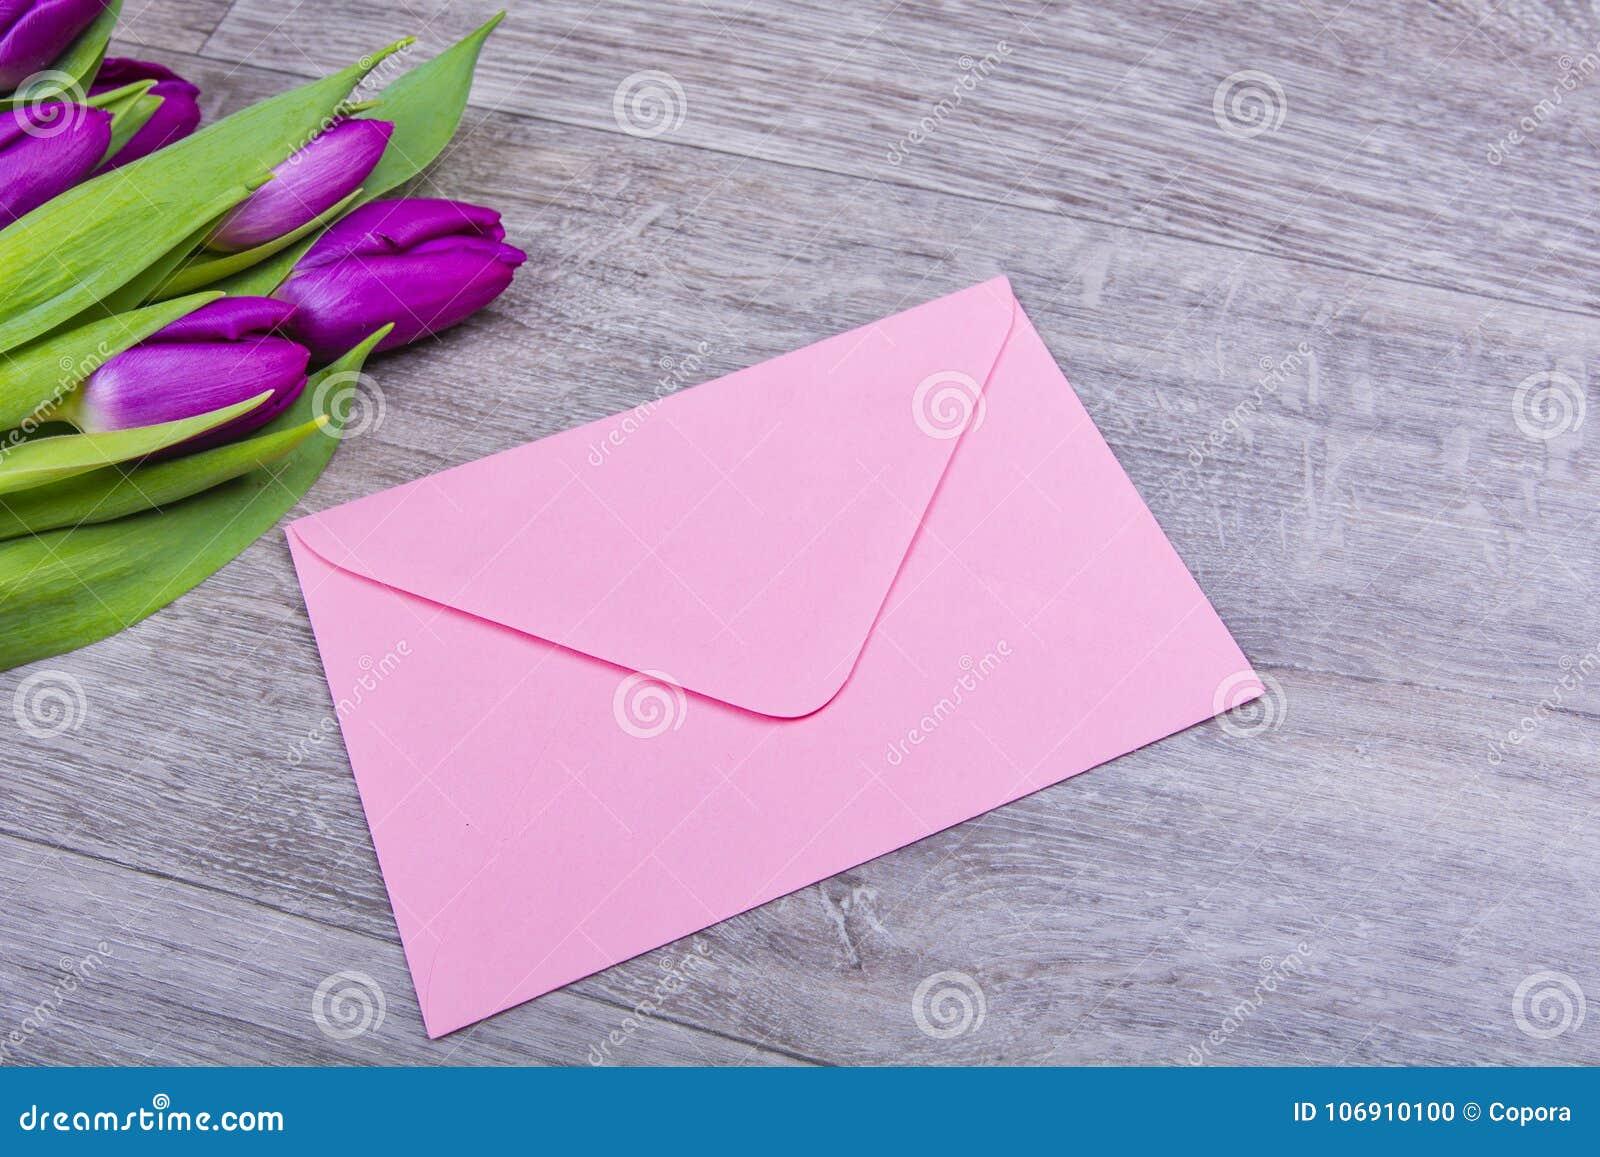 Różowa koperta z tulipanami na stole